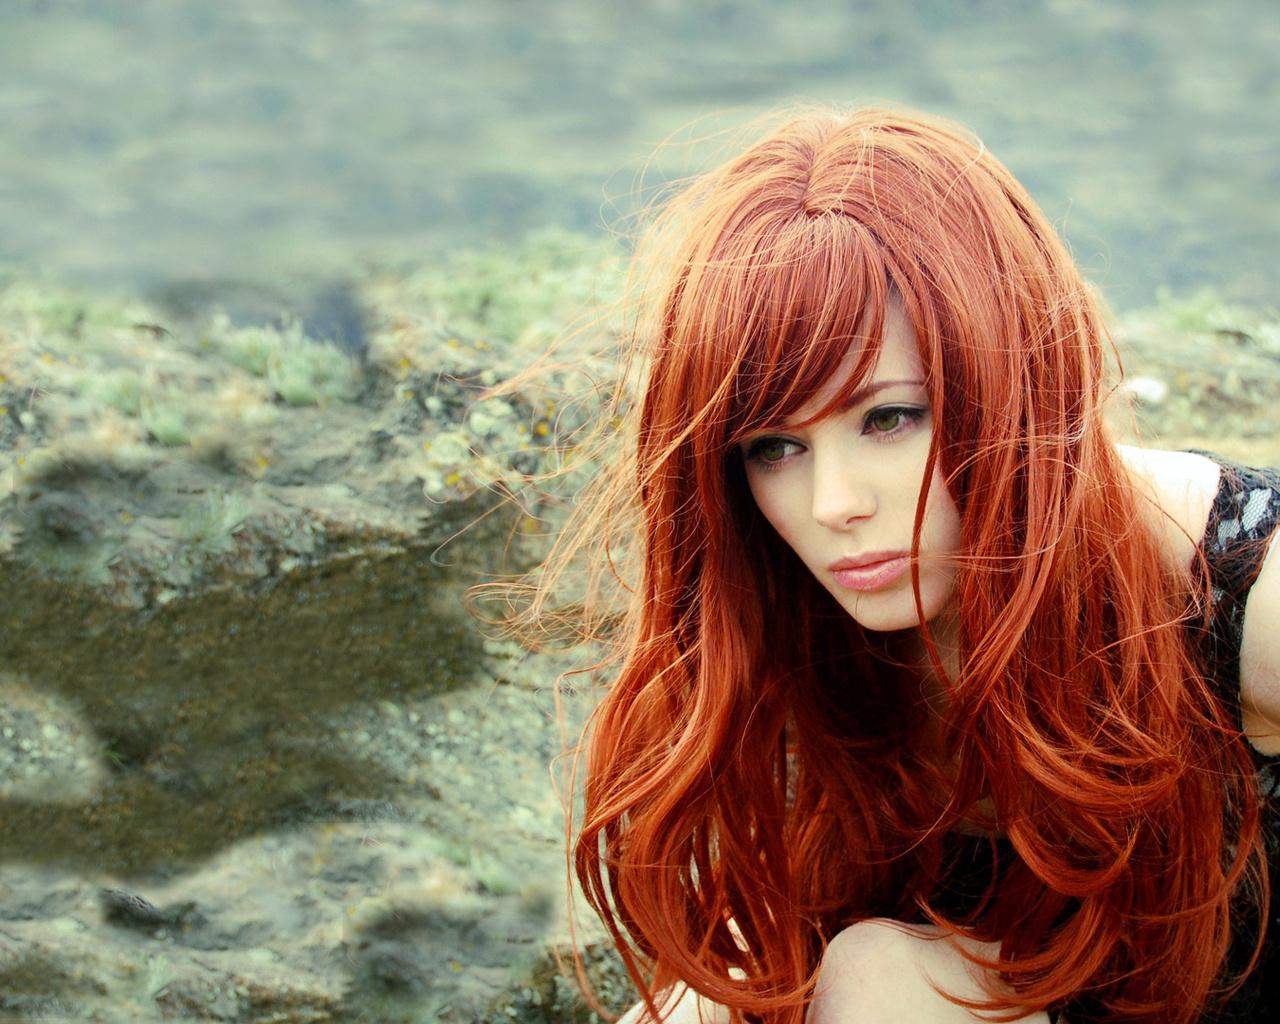 Какую косметику для макияжа можно использовать для волос: 4 интересные идеи